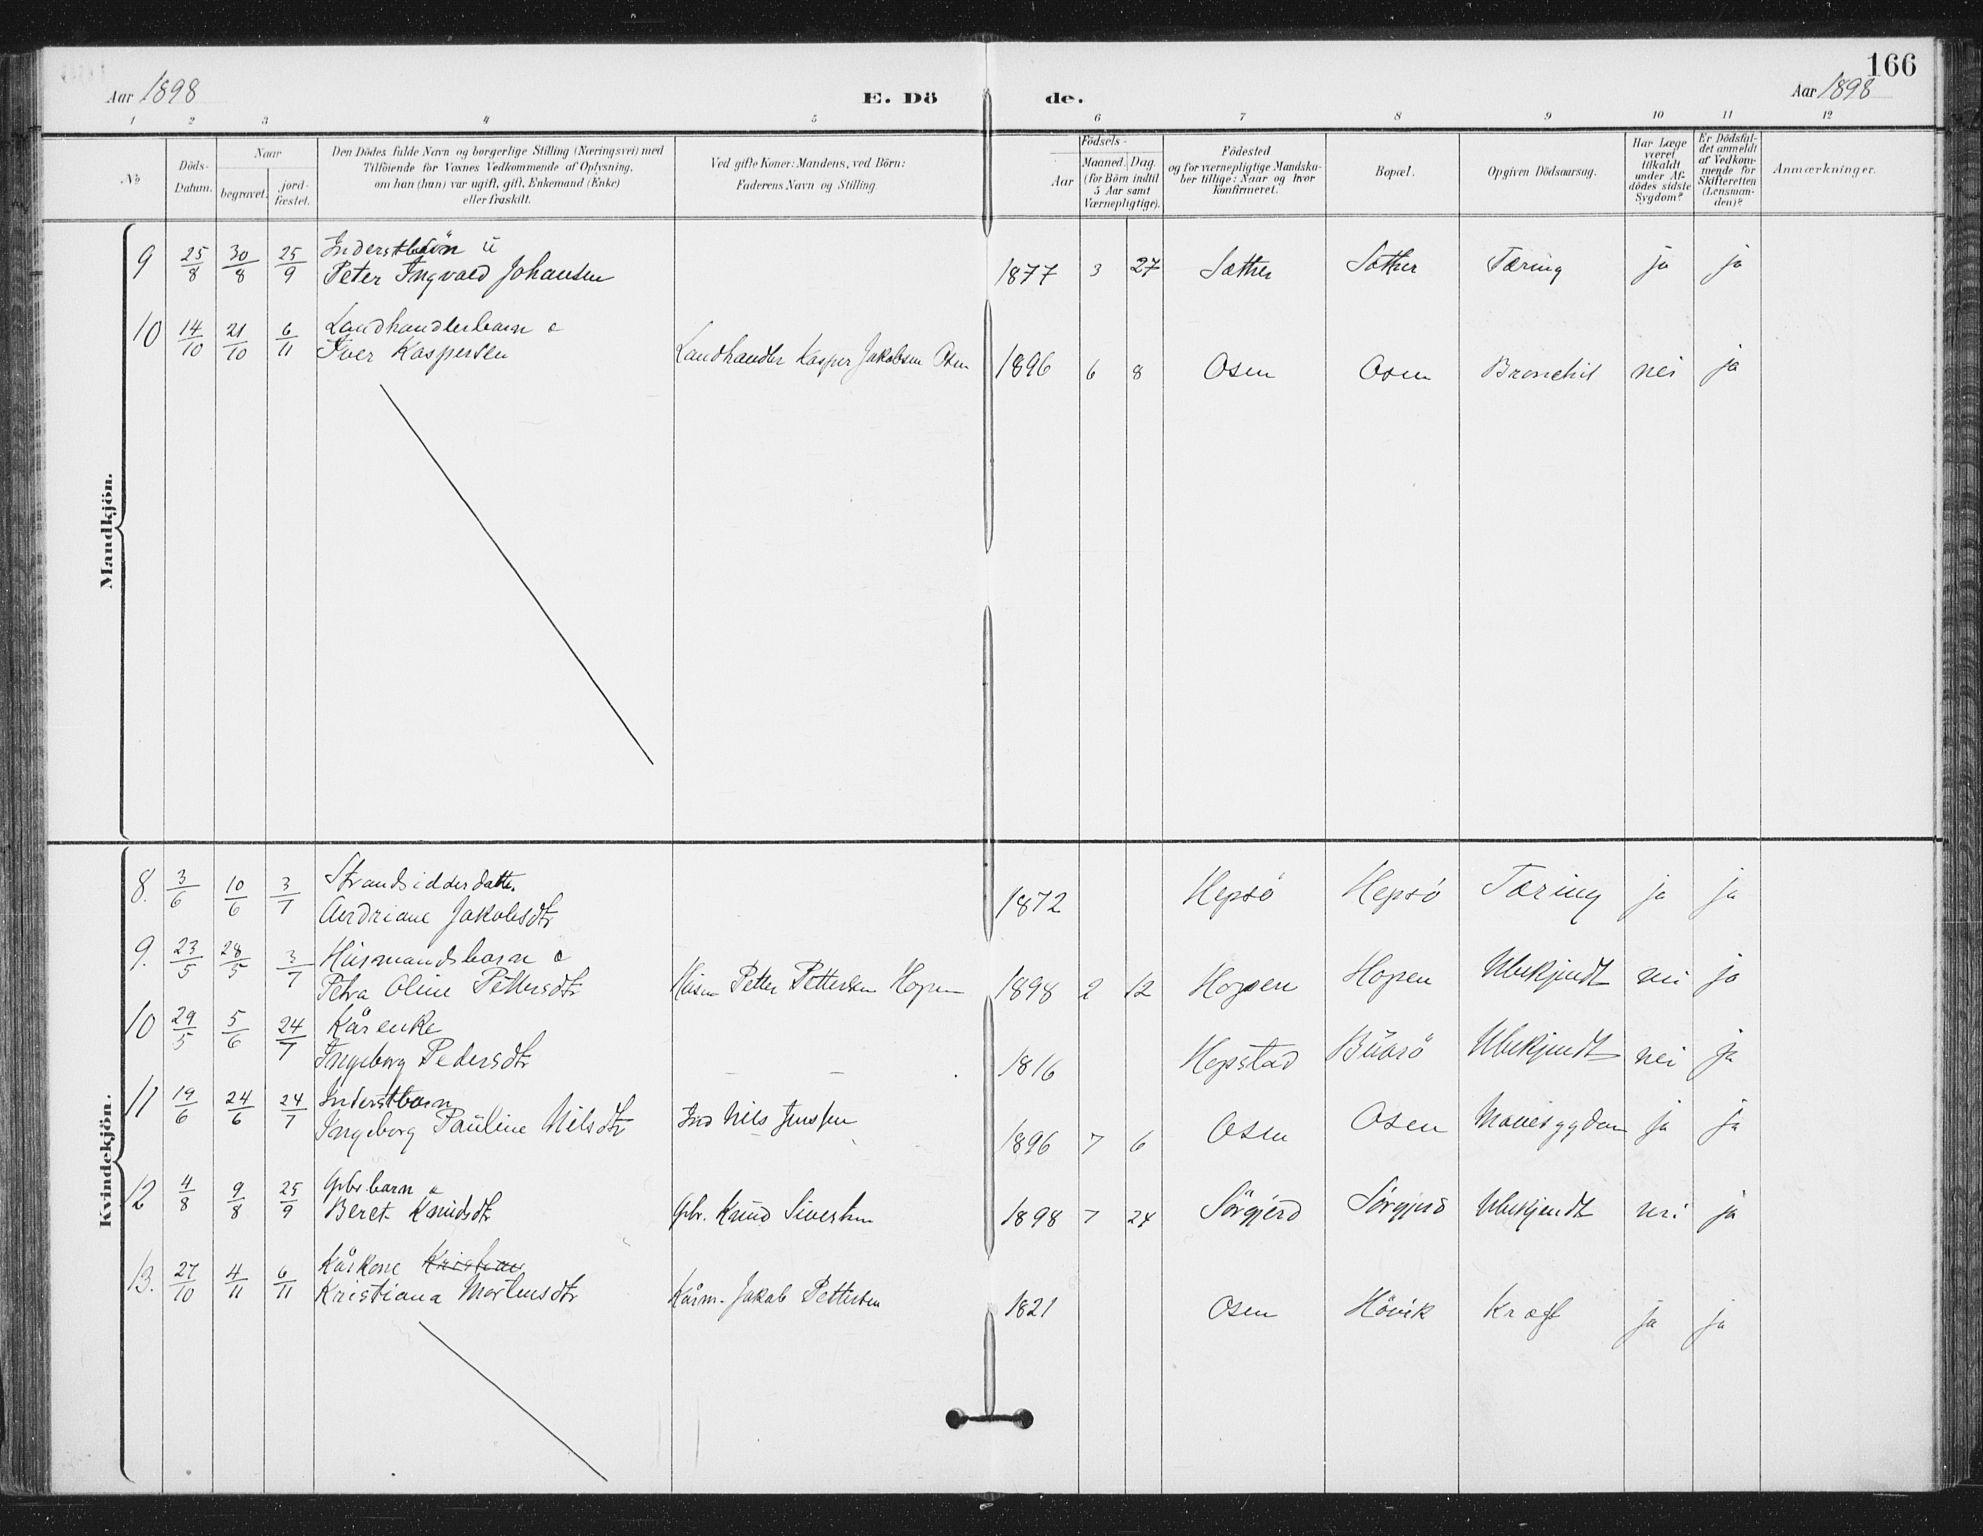 SAT, Ministerialprotokoller, klokkerbøker og fødselsregistre - Sør-Trøndelag, 658/L0723: Ministerialbok nr. 658A02, 1897-1912, s. 166